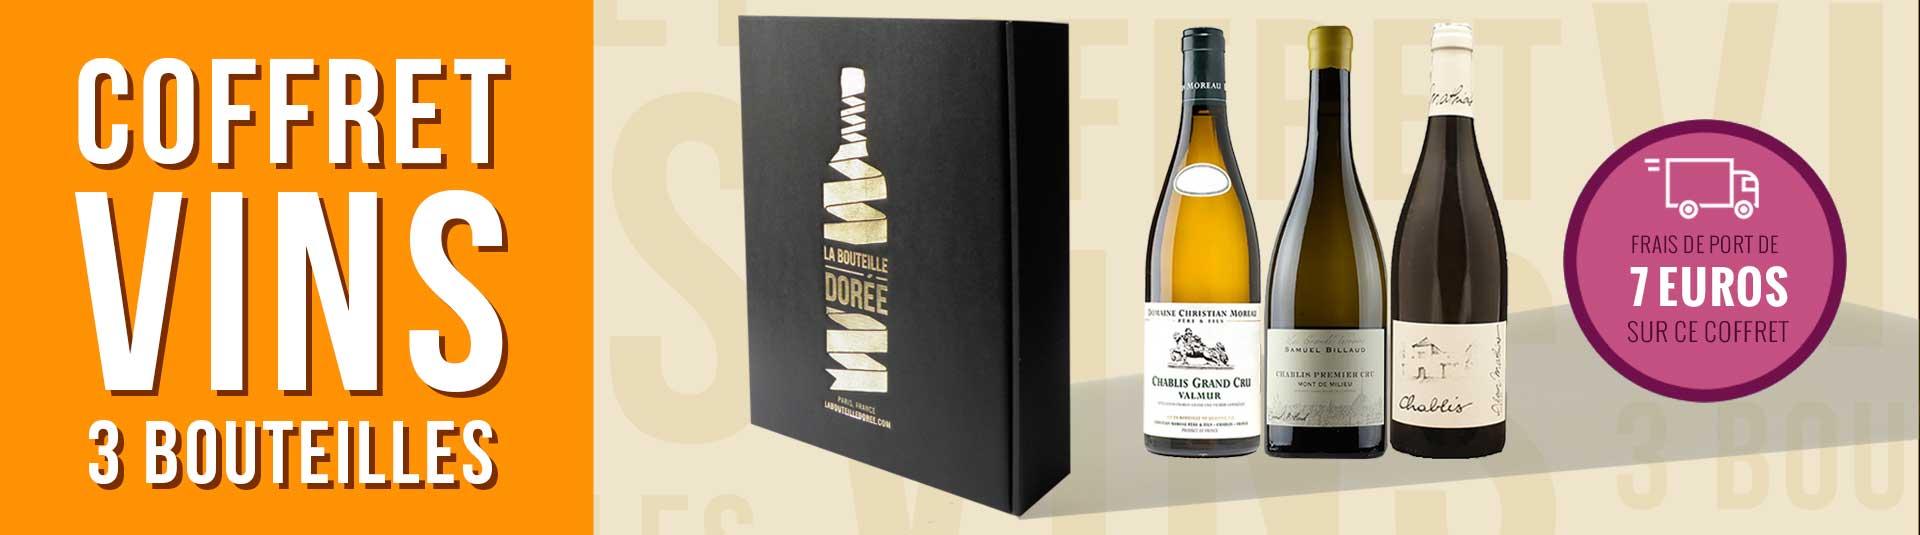 Coffret vin blanc Chablis Passion 3 bouteilles